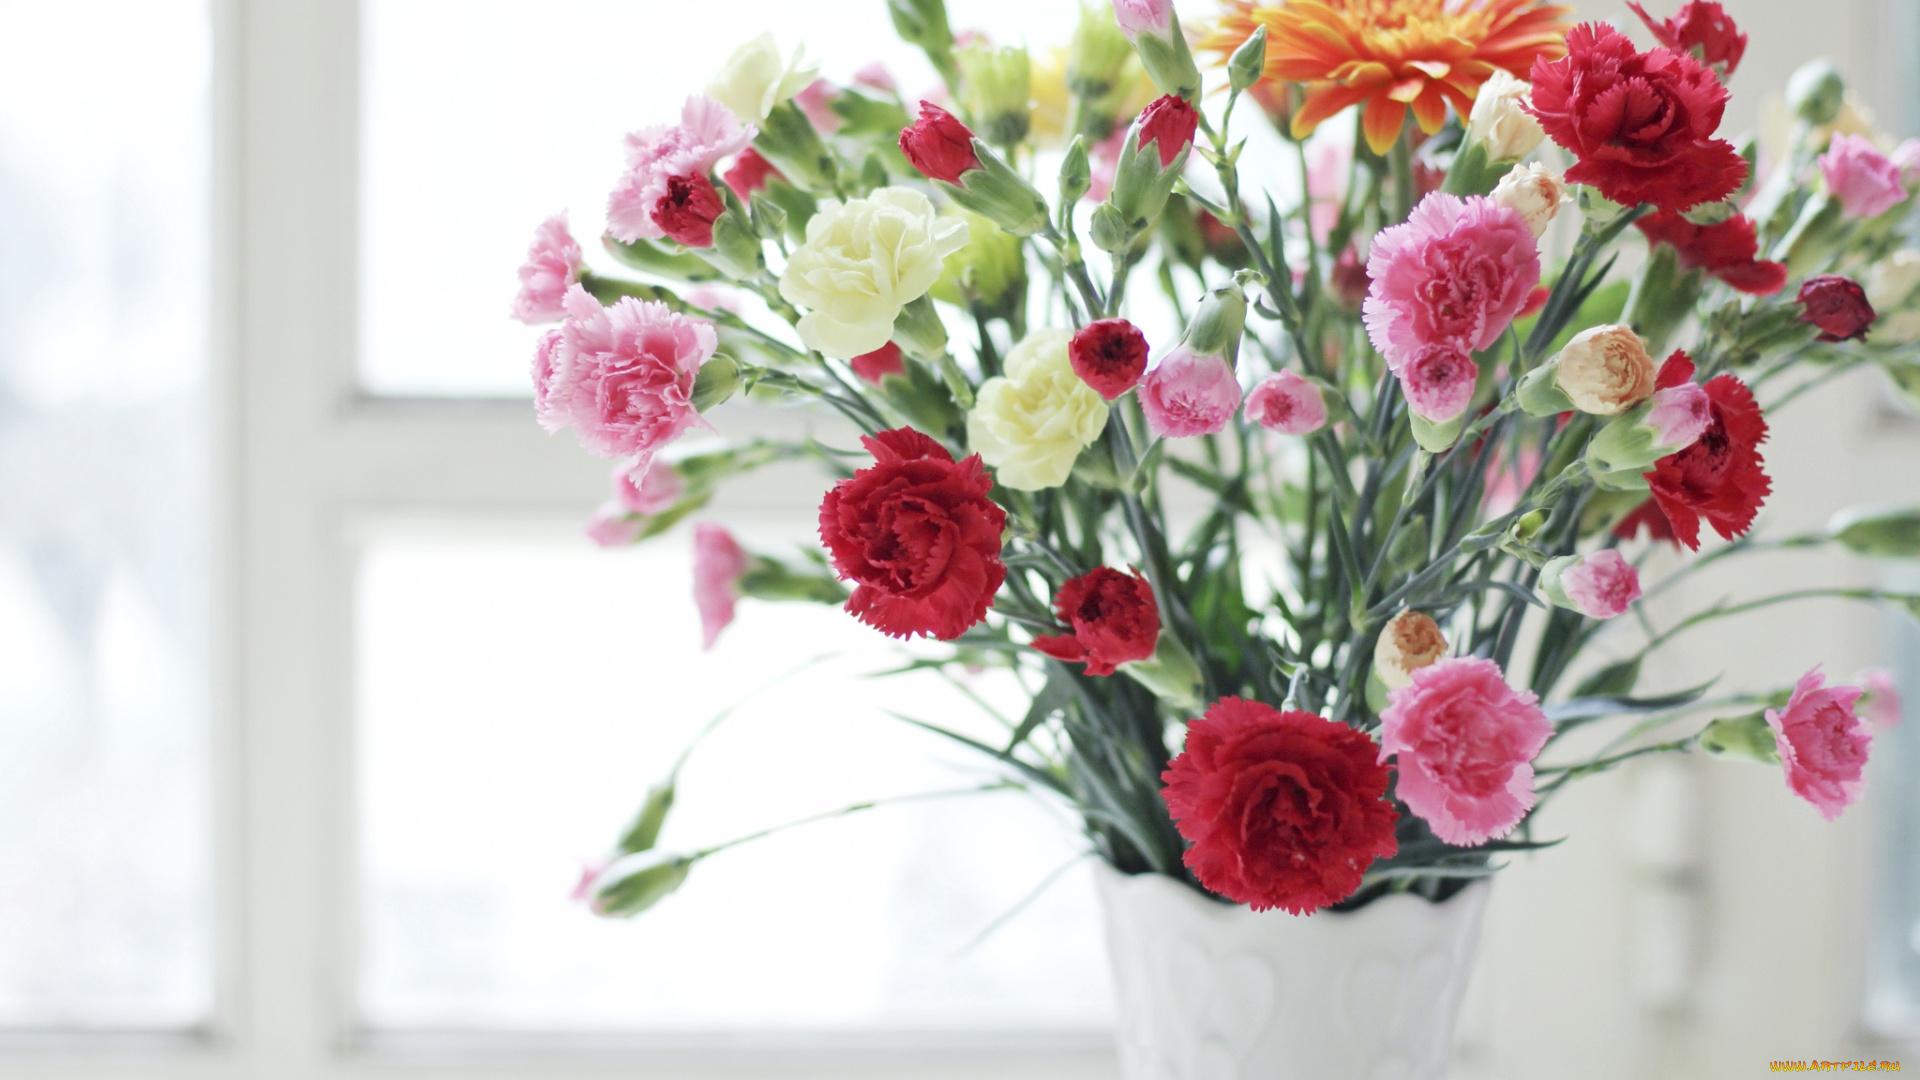 Музыкальная, картинки с красивым букетом цветов гвоздики